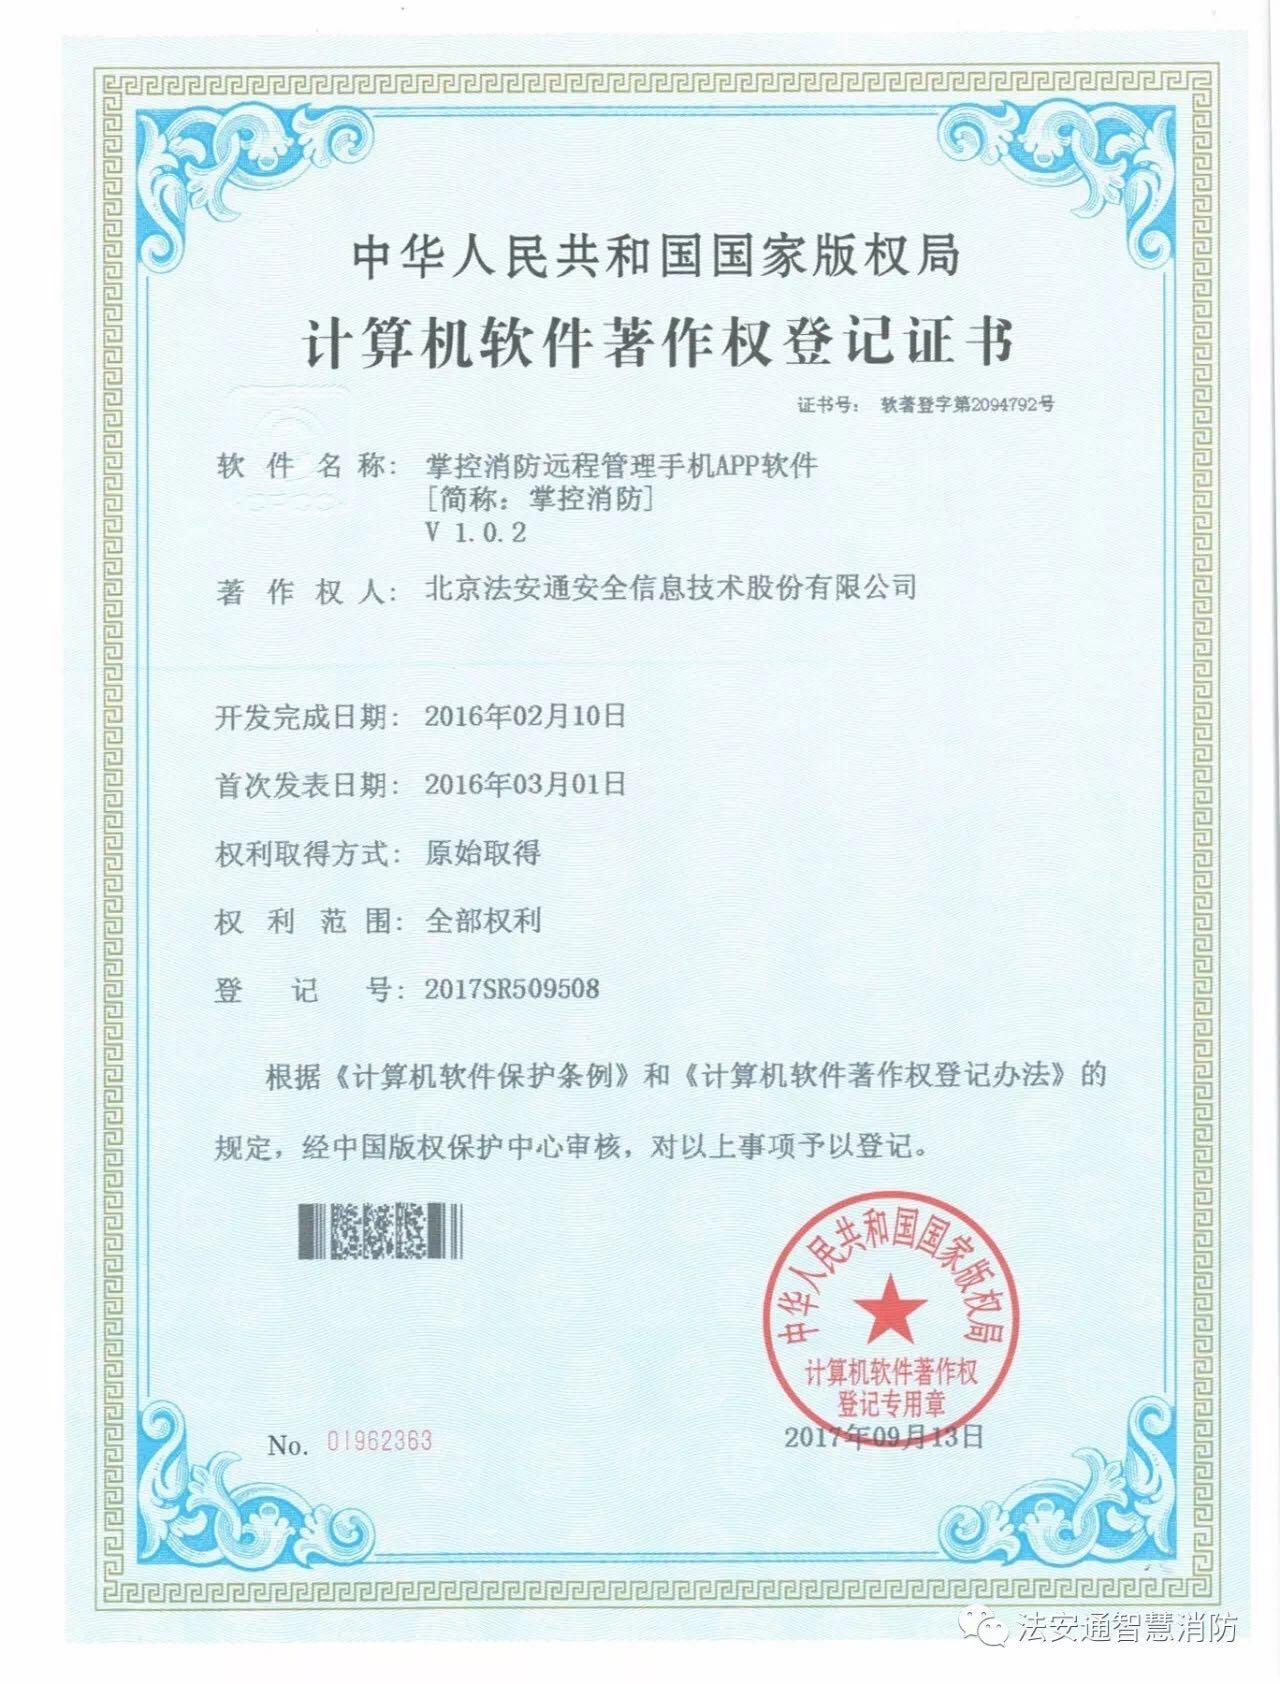 金沙澳门股份《掌控消防远程管理手机APP》获软著证书